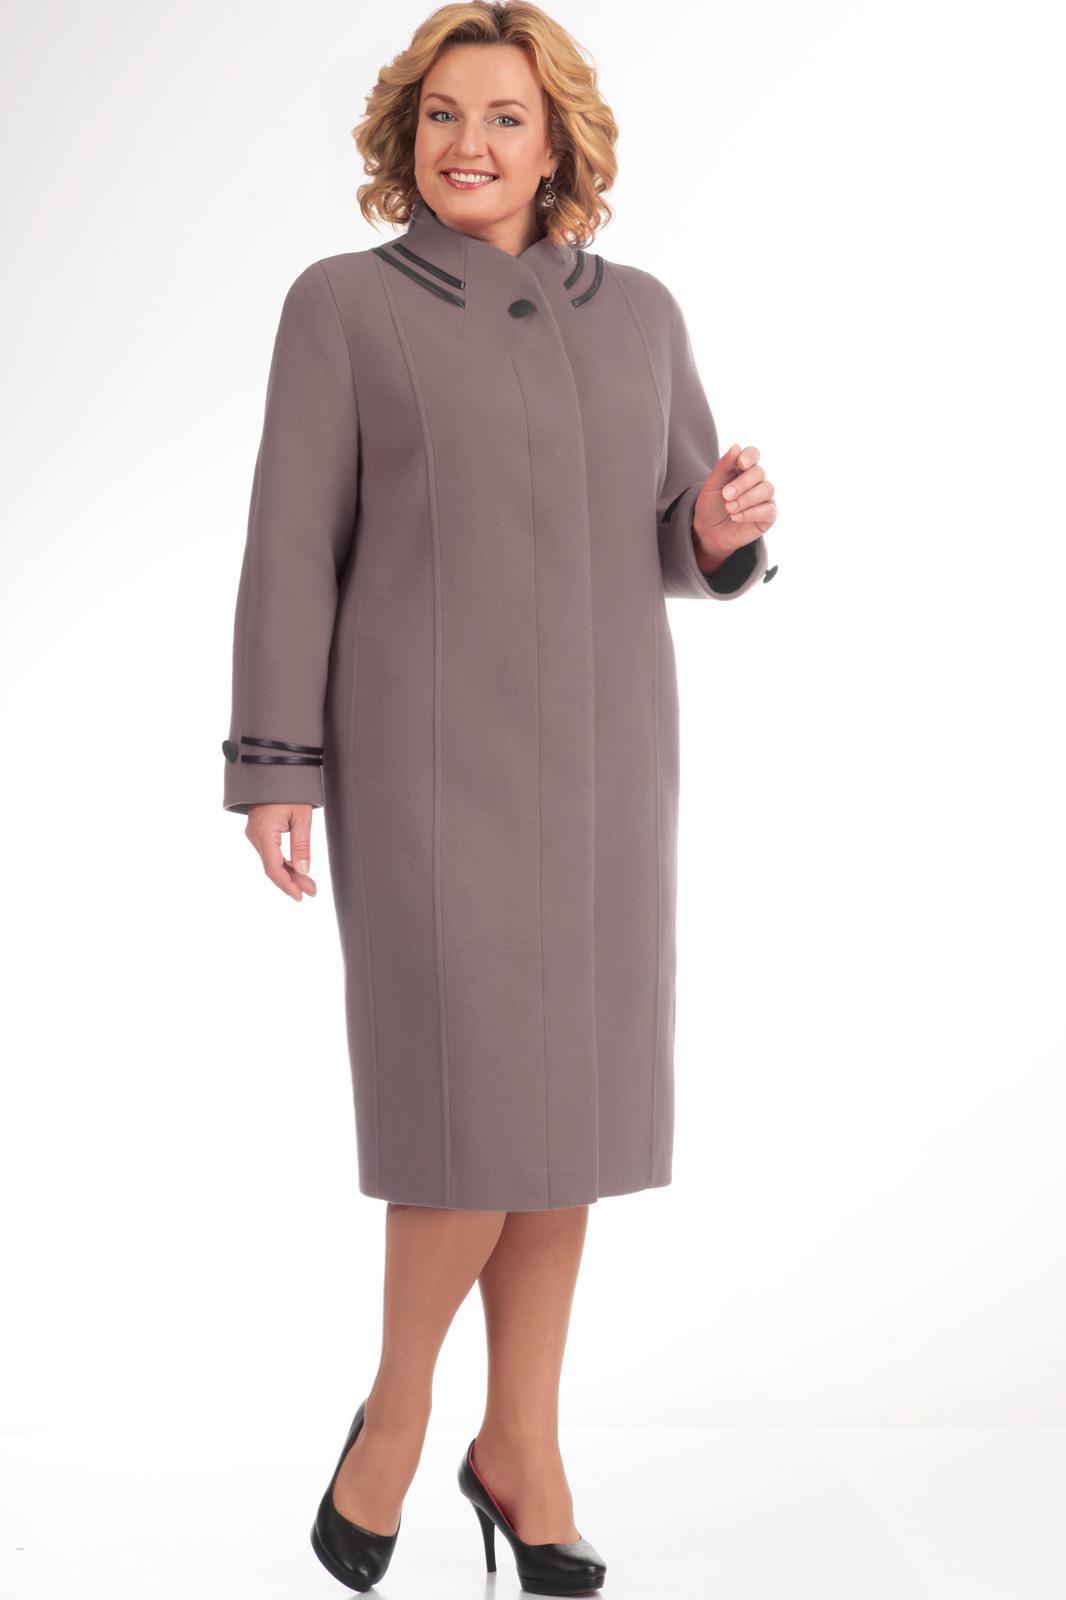 Купить Пальто Диамант, 1105 серо-сиреневый, Беларусь